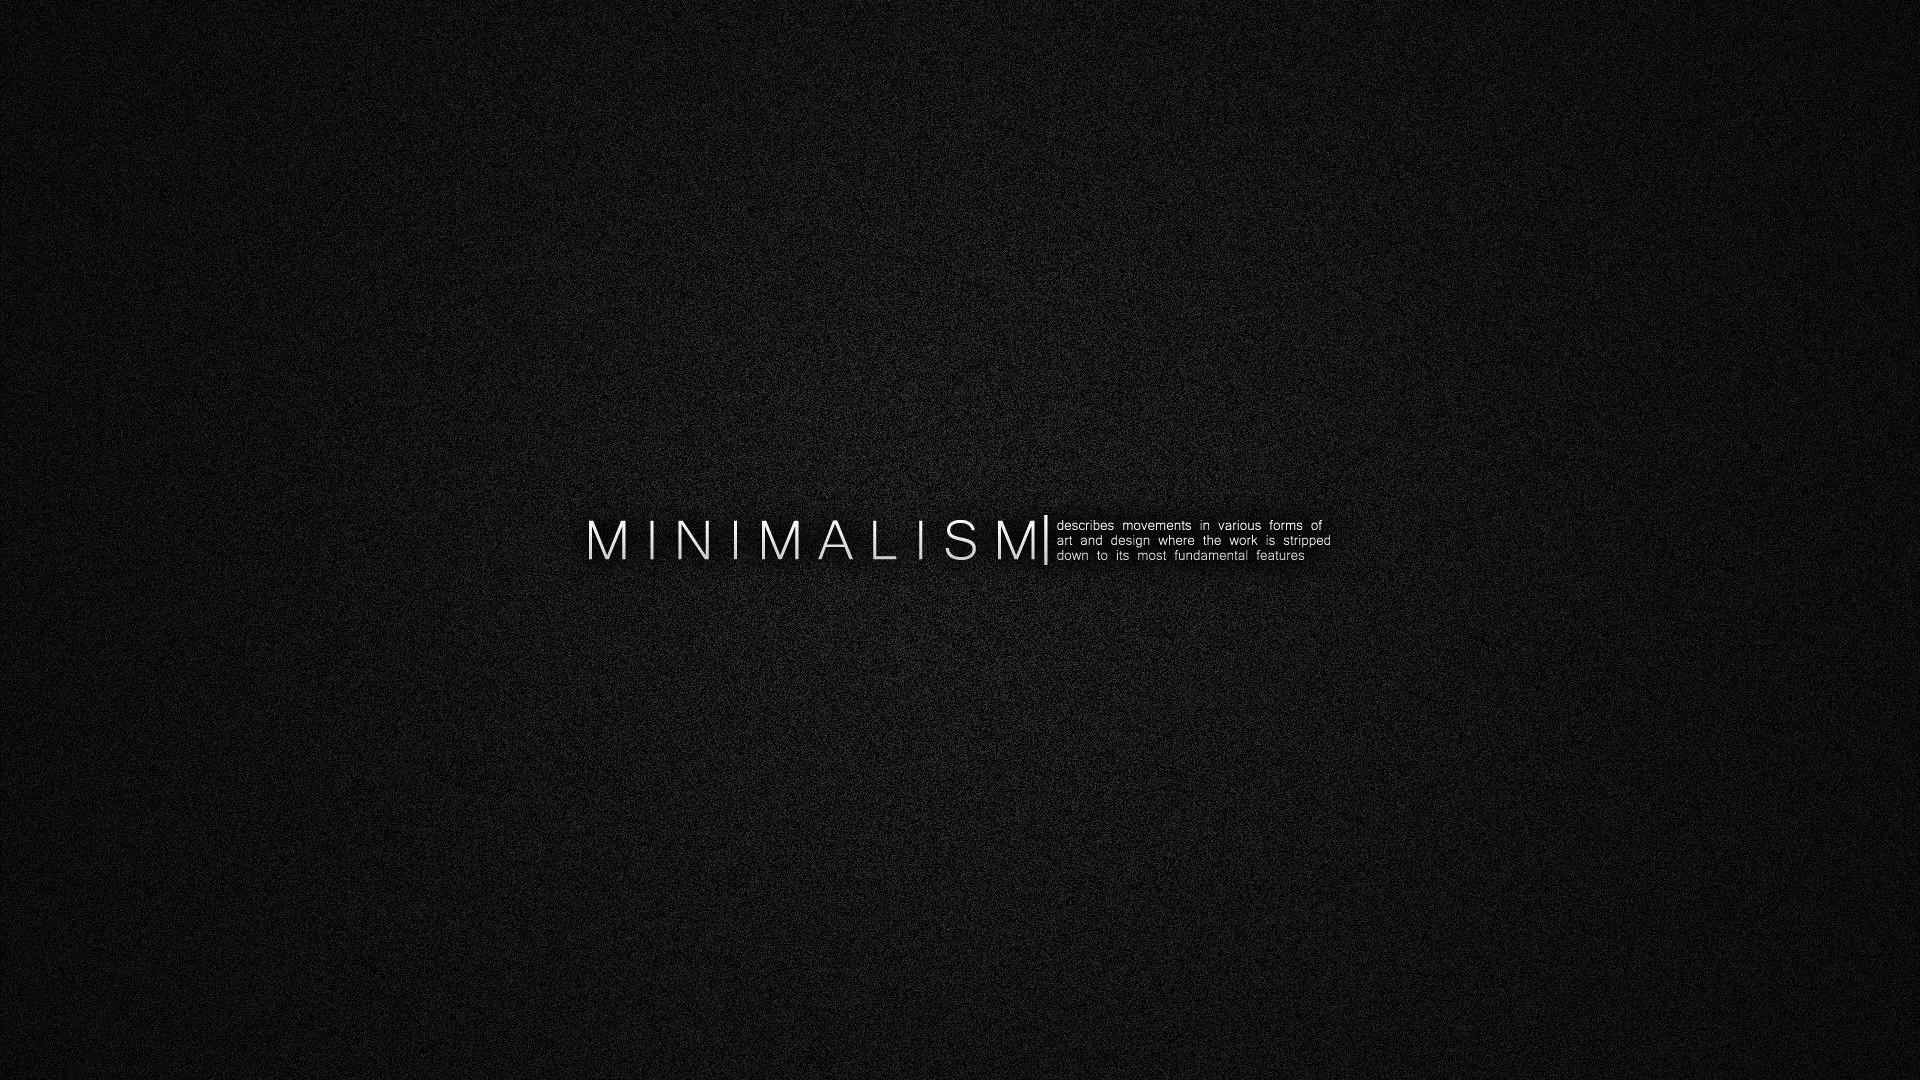 1080p minimalist wallpaper wallpapersafari for Define minimalist